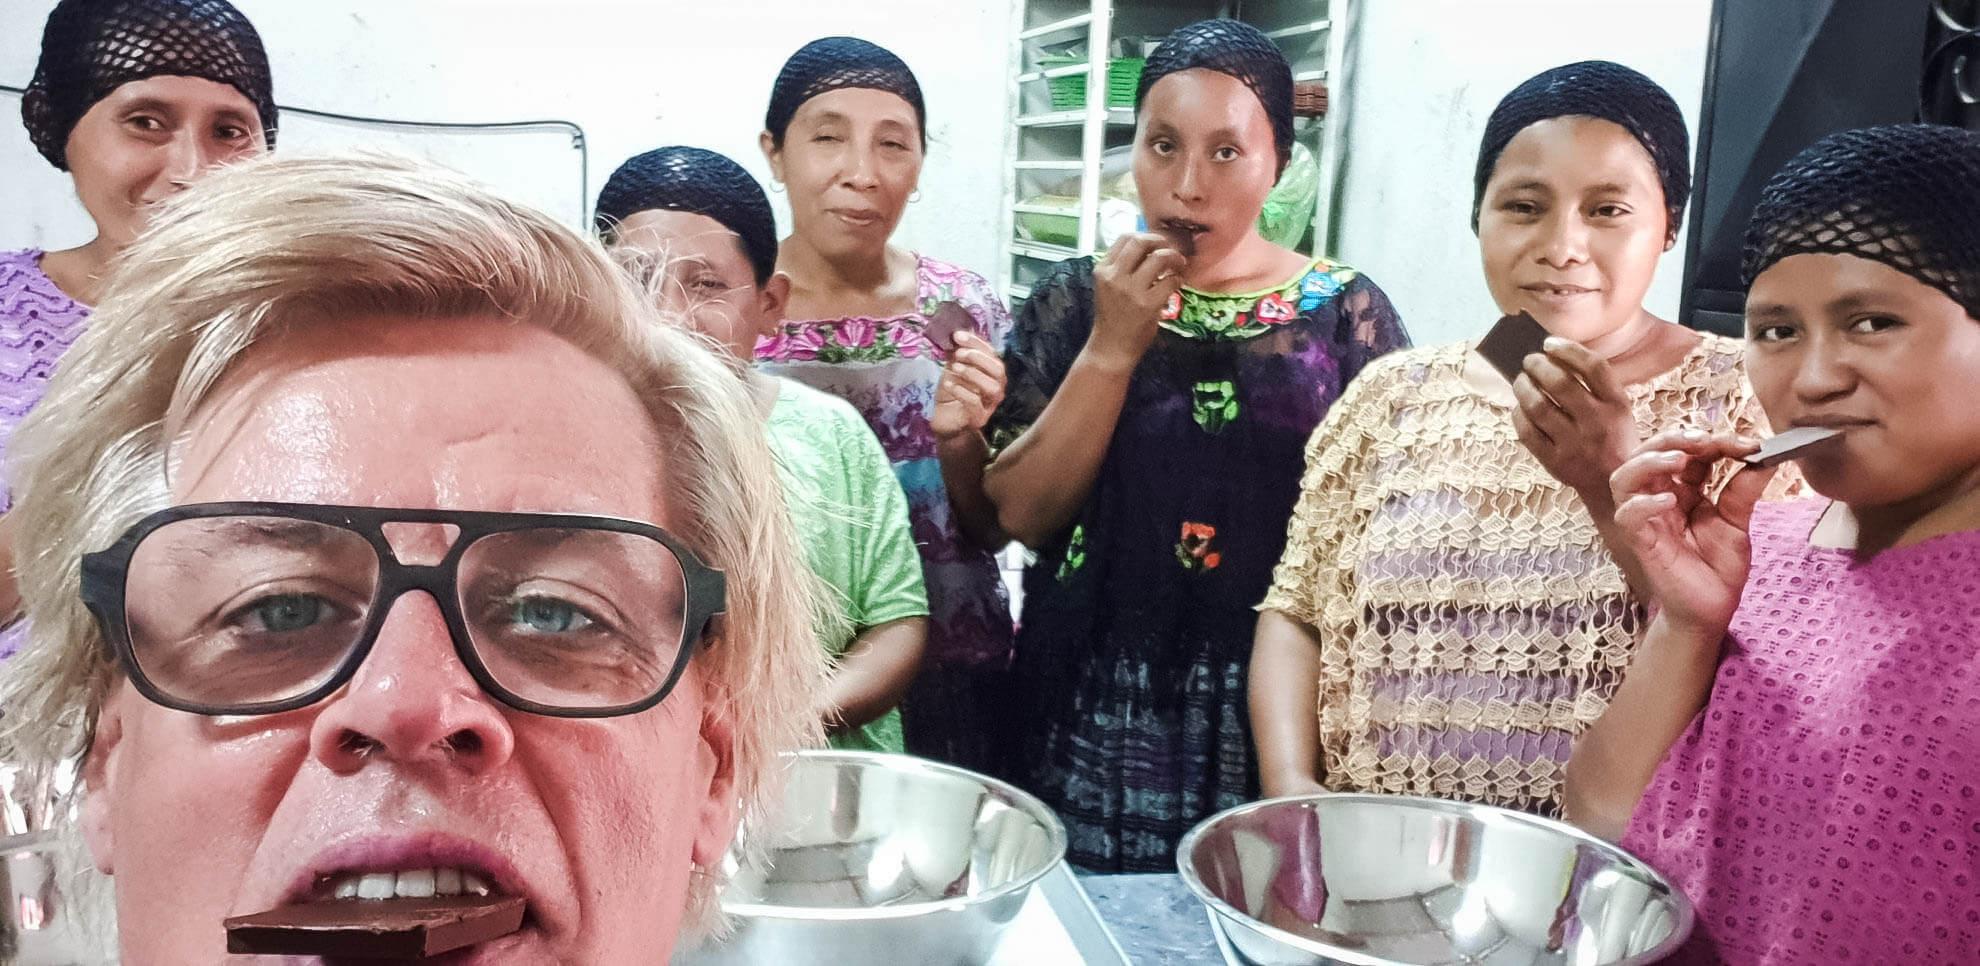 dokeshi Projekt in Guatemala: Frauen von